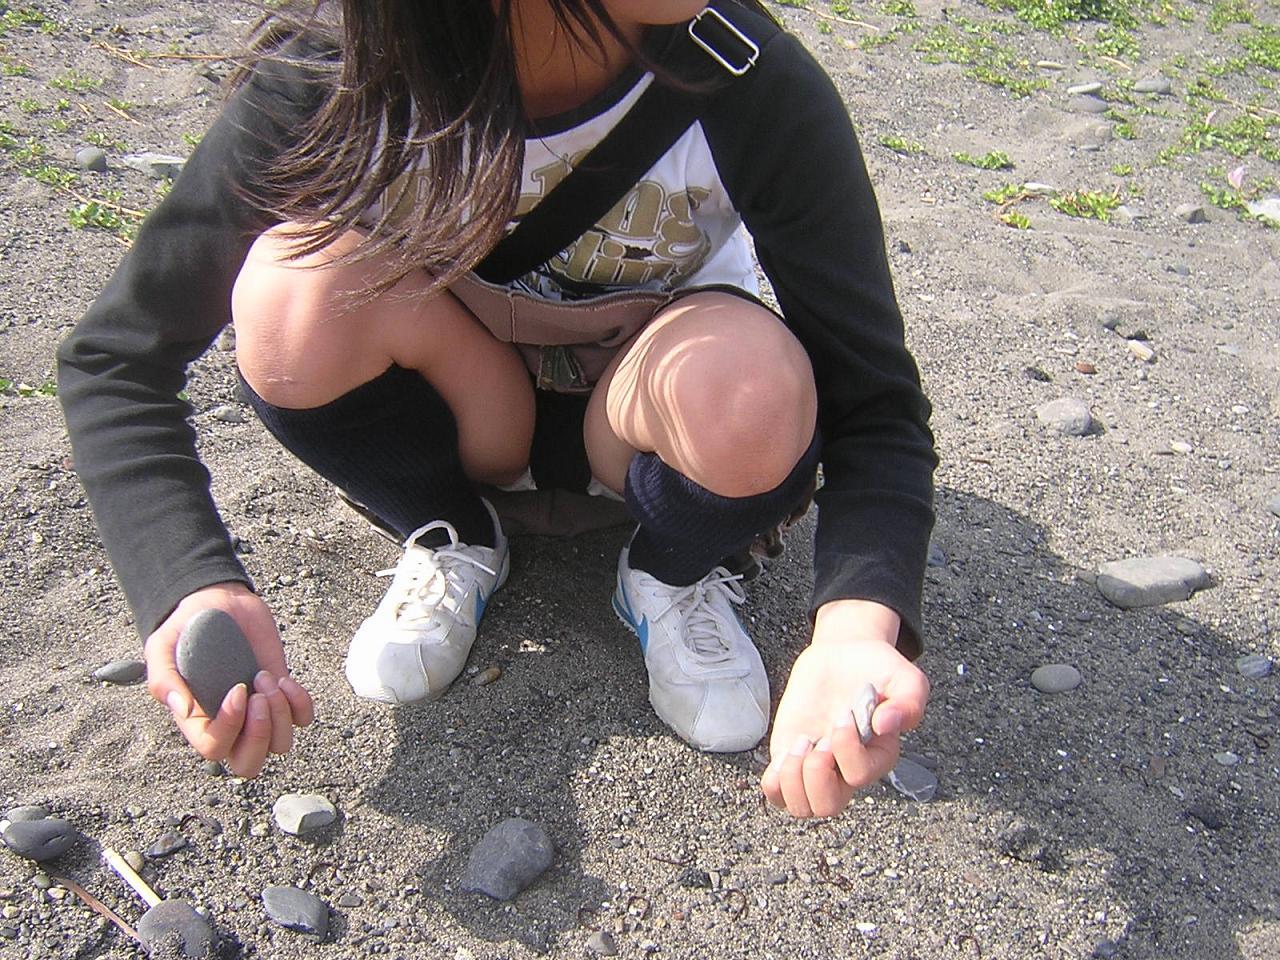 石拾いをしてる少女のパンモロがエロ過ぎ!